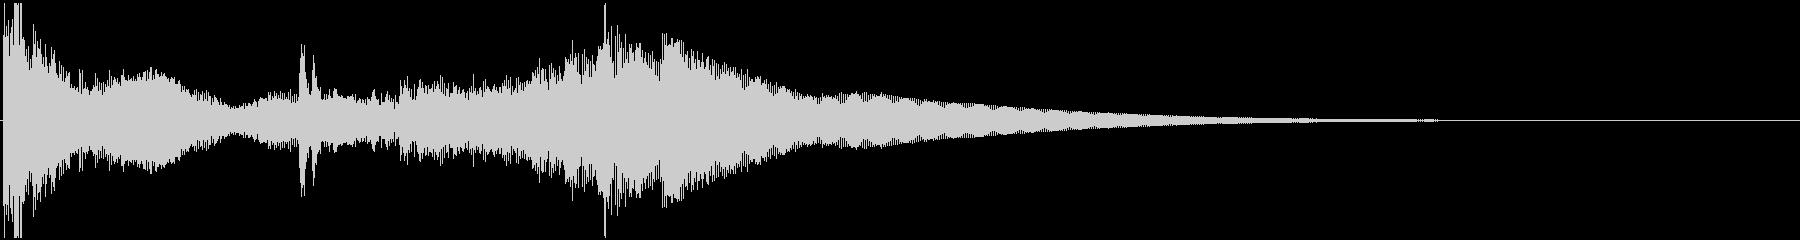 和太鼓登場ジングル2の未再生の波形